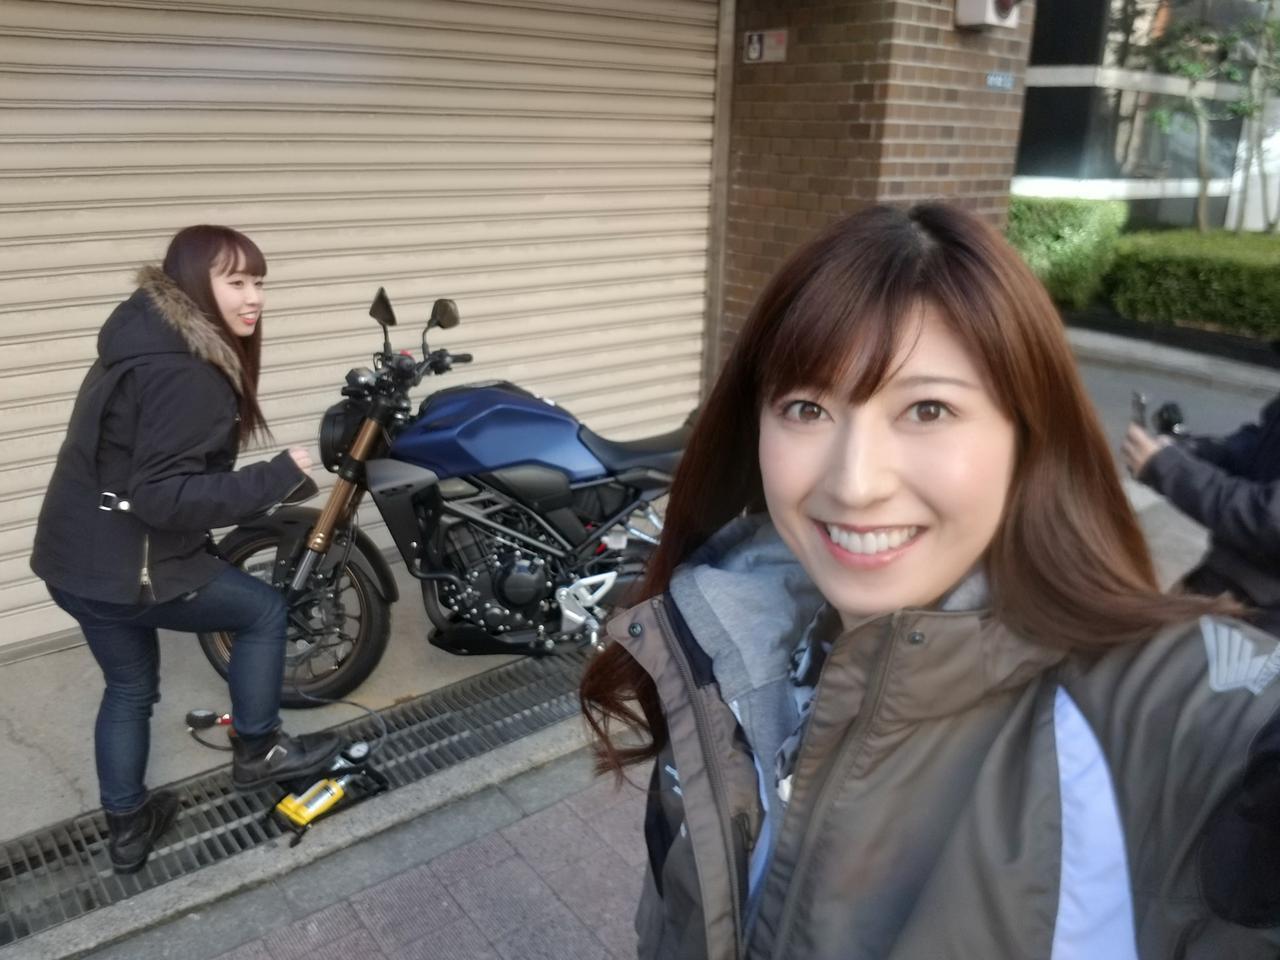 画像: [女子部のふたツー]Wさおりん春日部ツーリング(大関さおり 編)with 奥さおり - webオートバイ